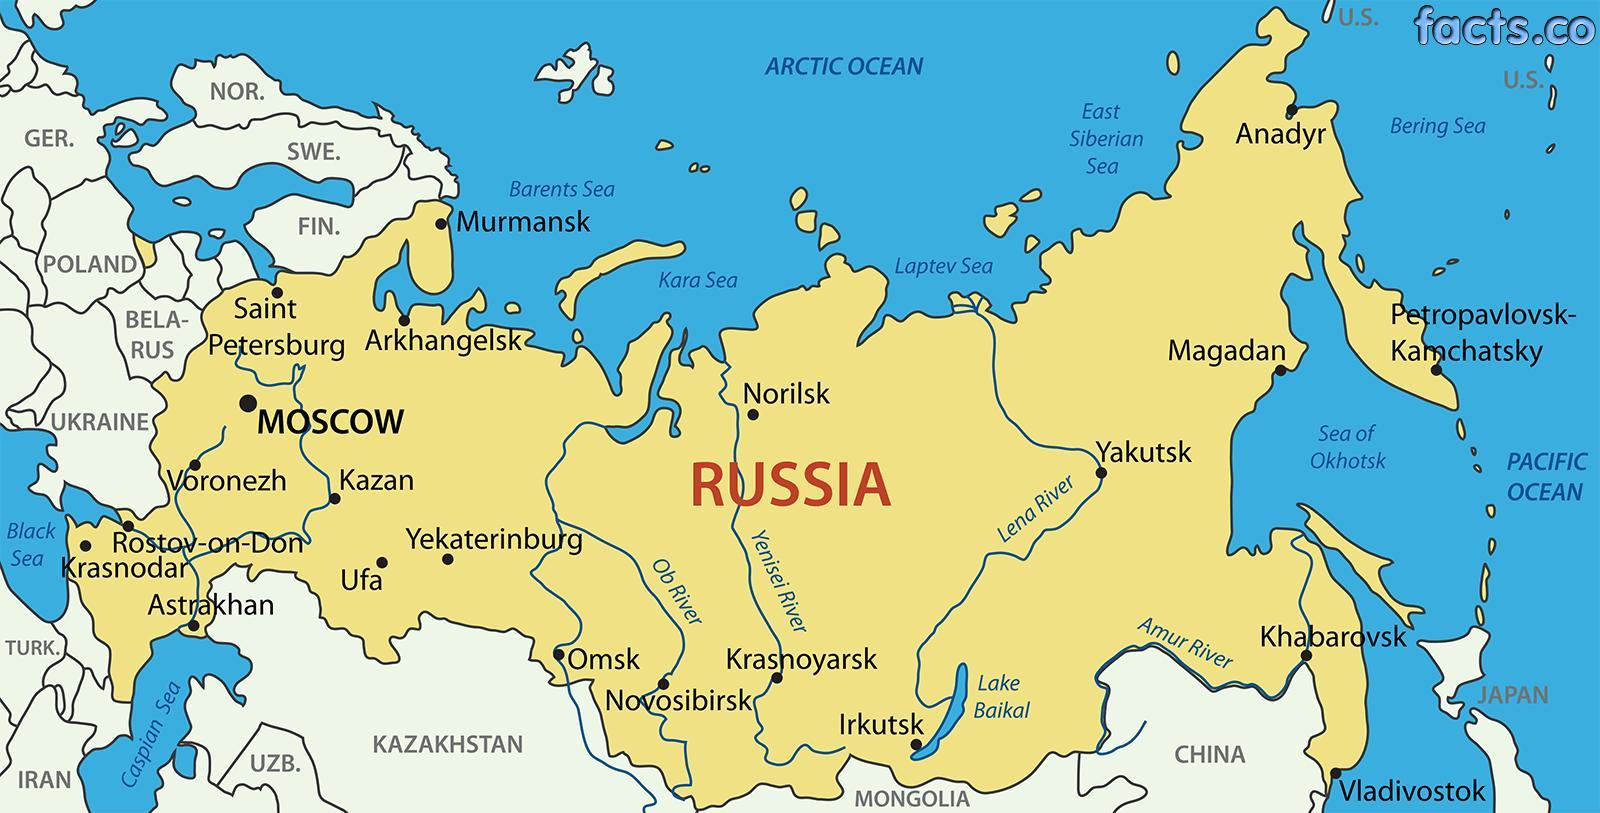 rusija karta Rusija mapu označen   Označen karta iz Rusije (Istočne Evrope  rusija karta